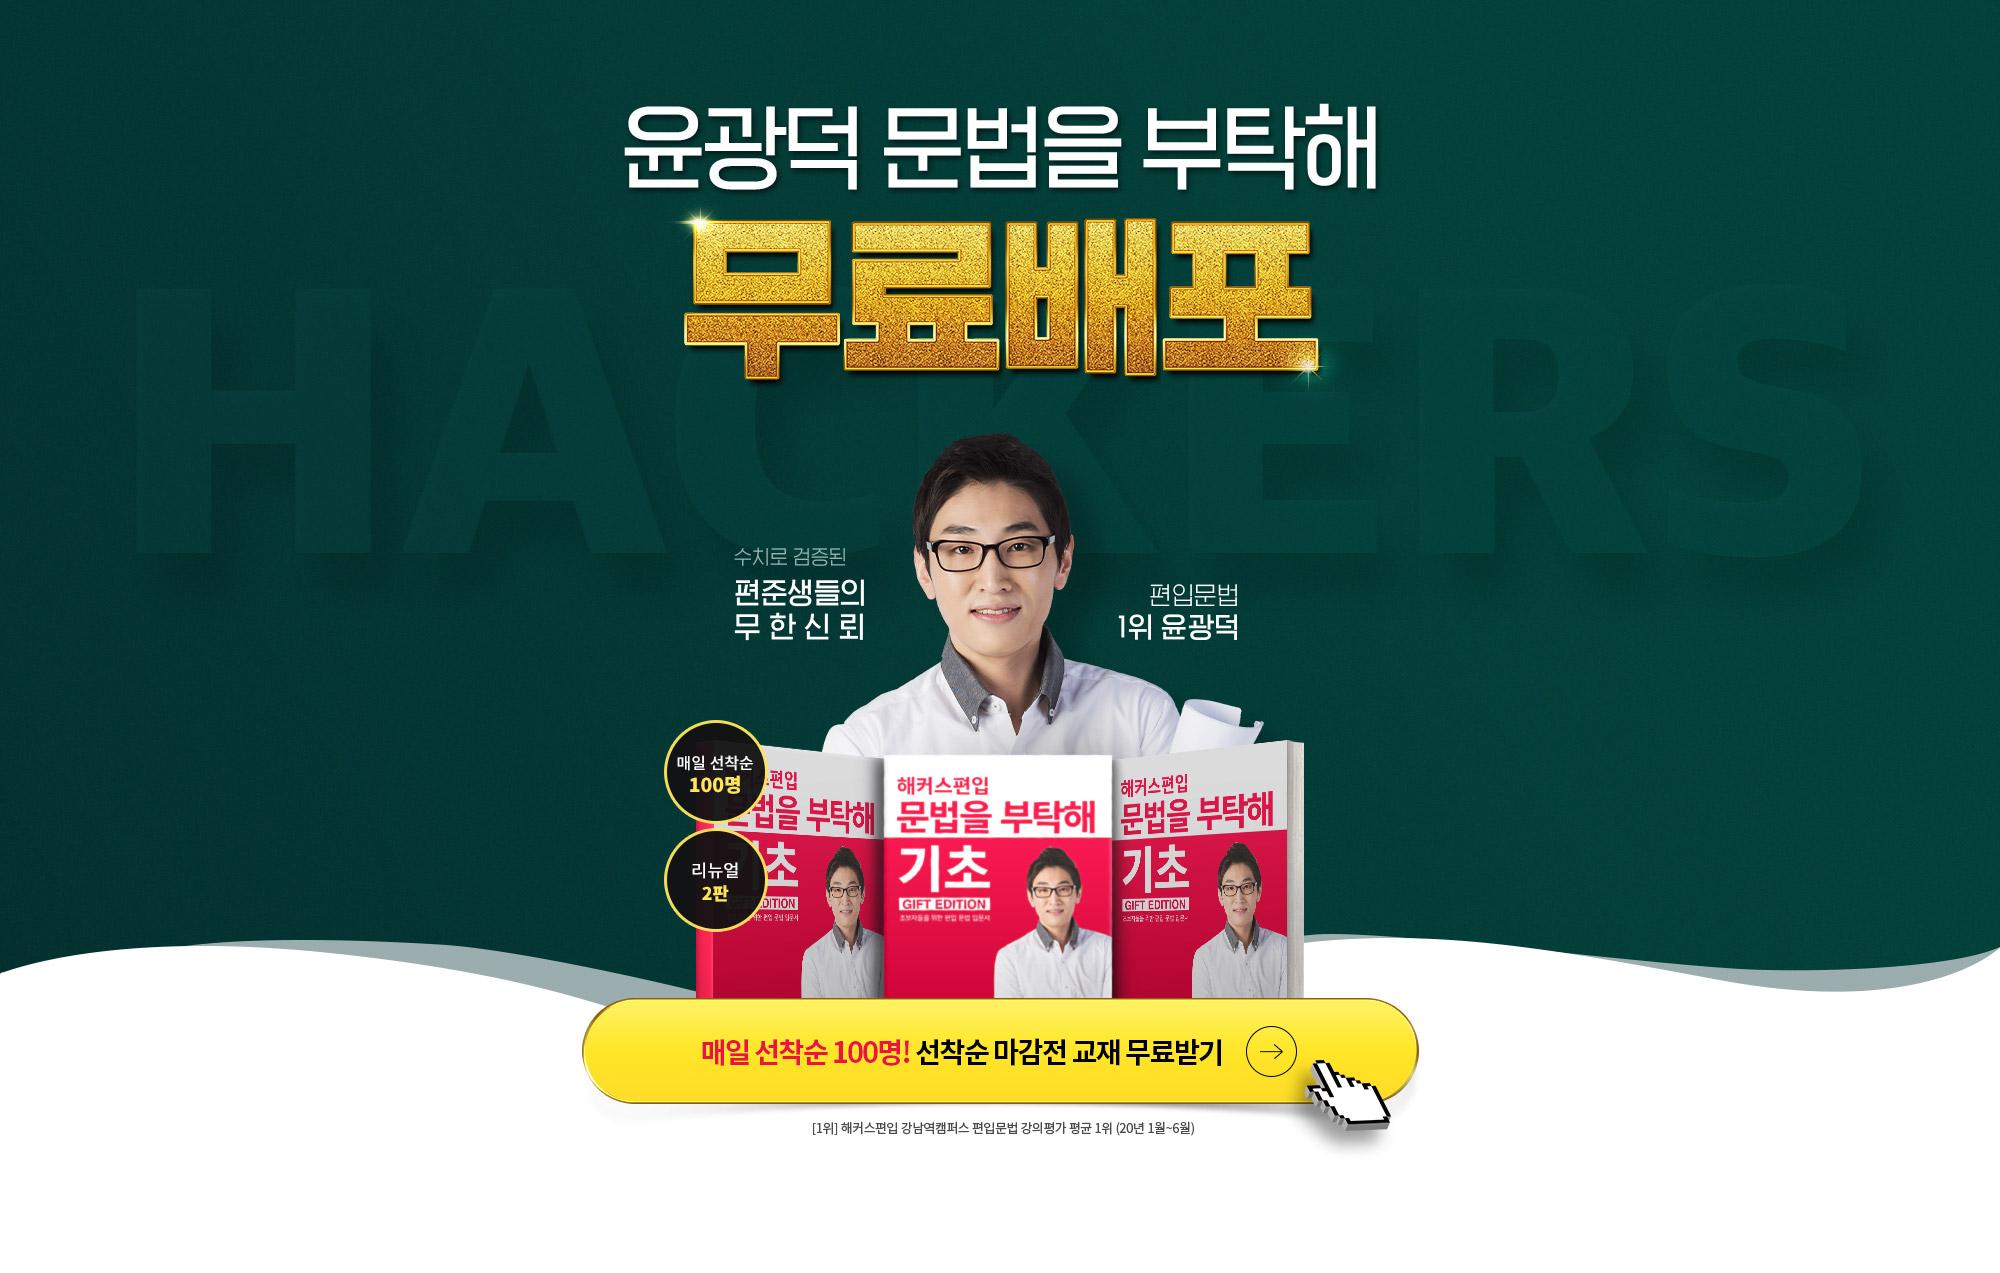 윤광덕 편입문법 교재 무료배포